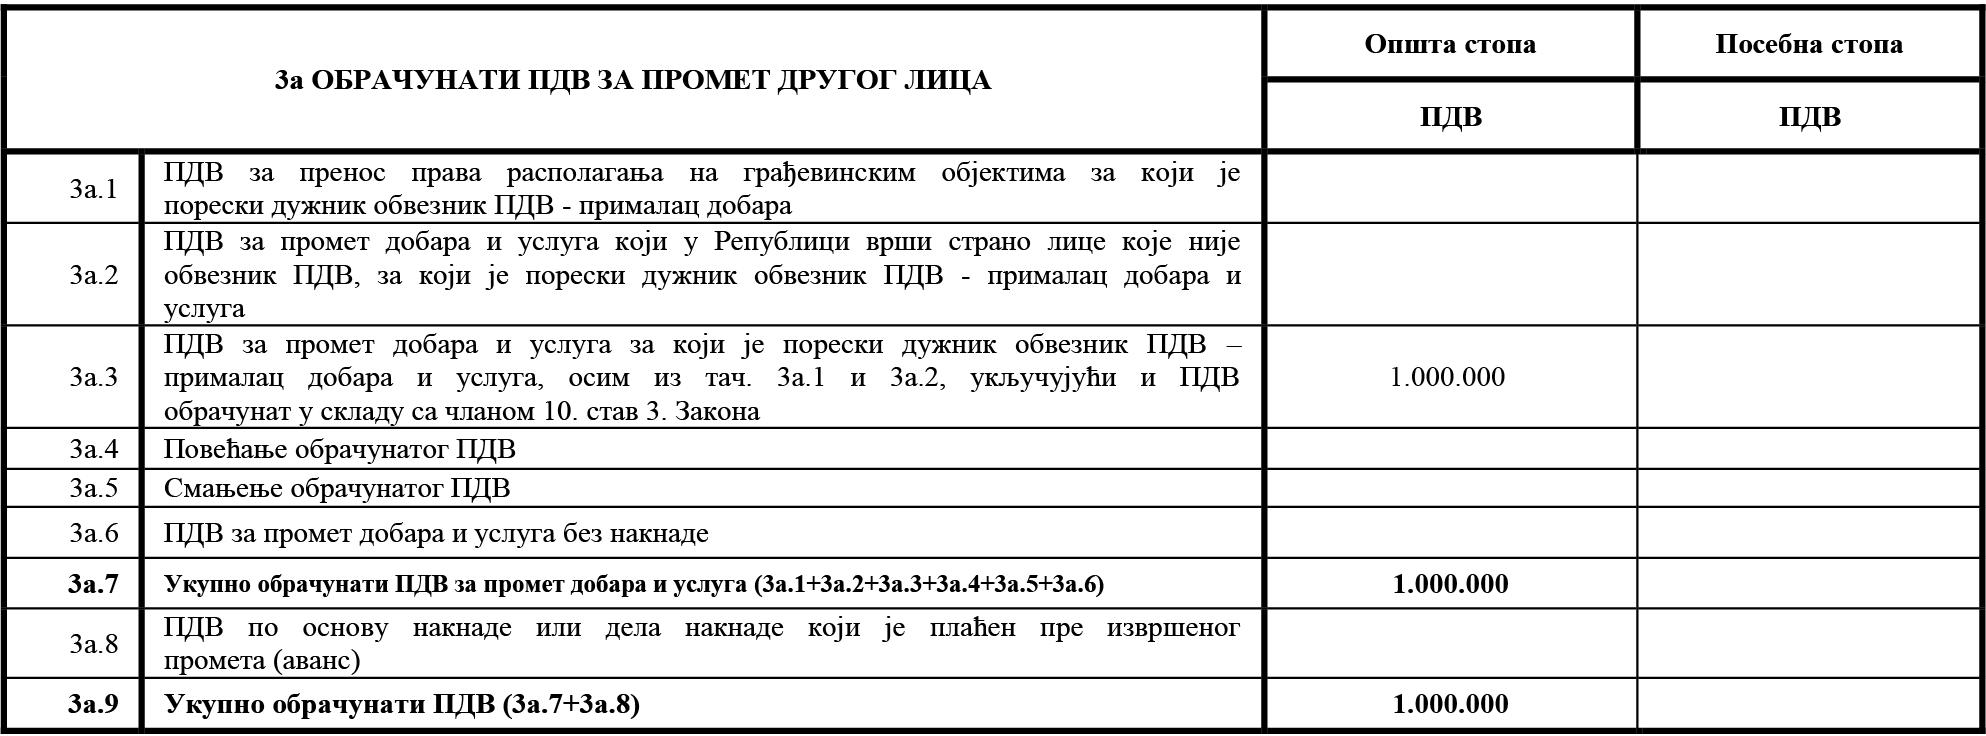 uputstvo PU obrazac POPDV primer 69